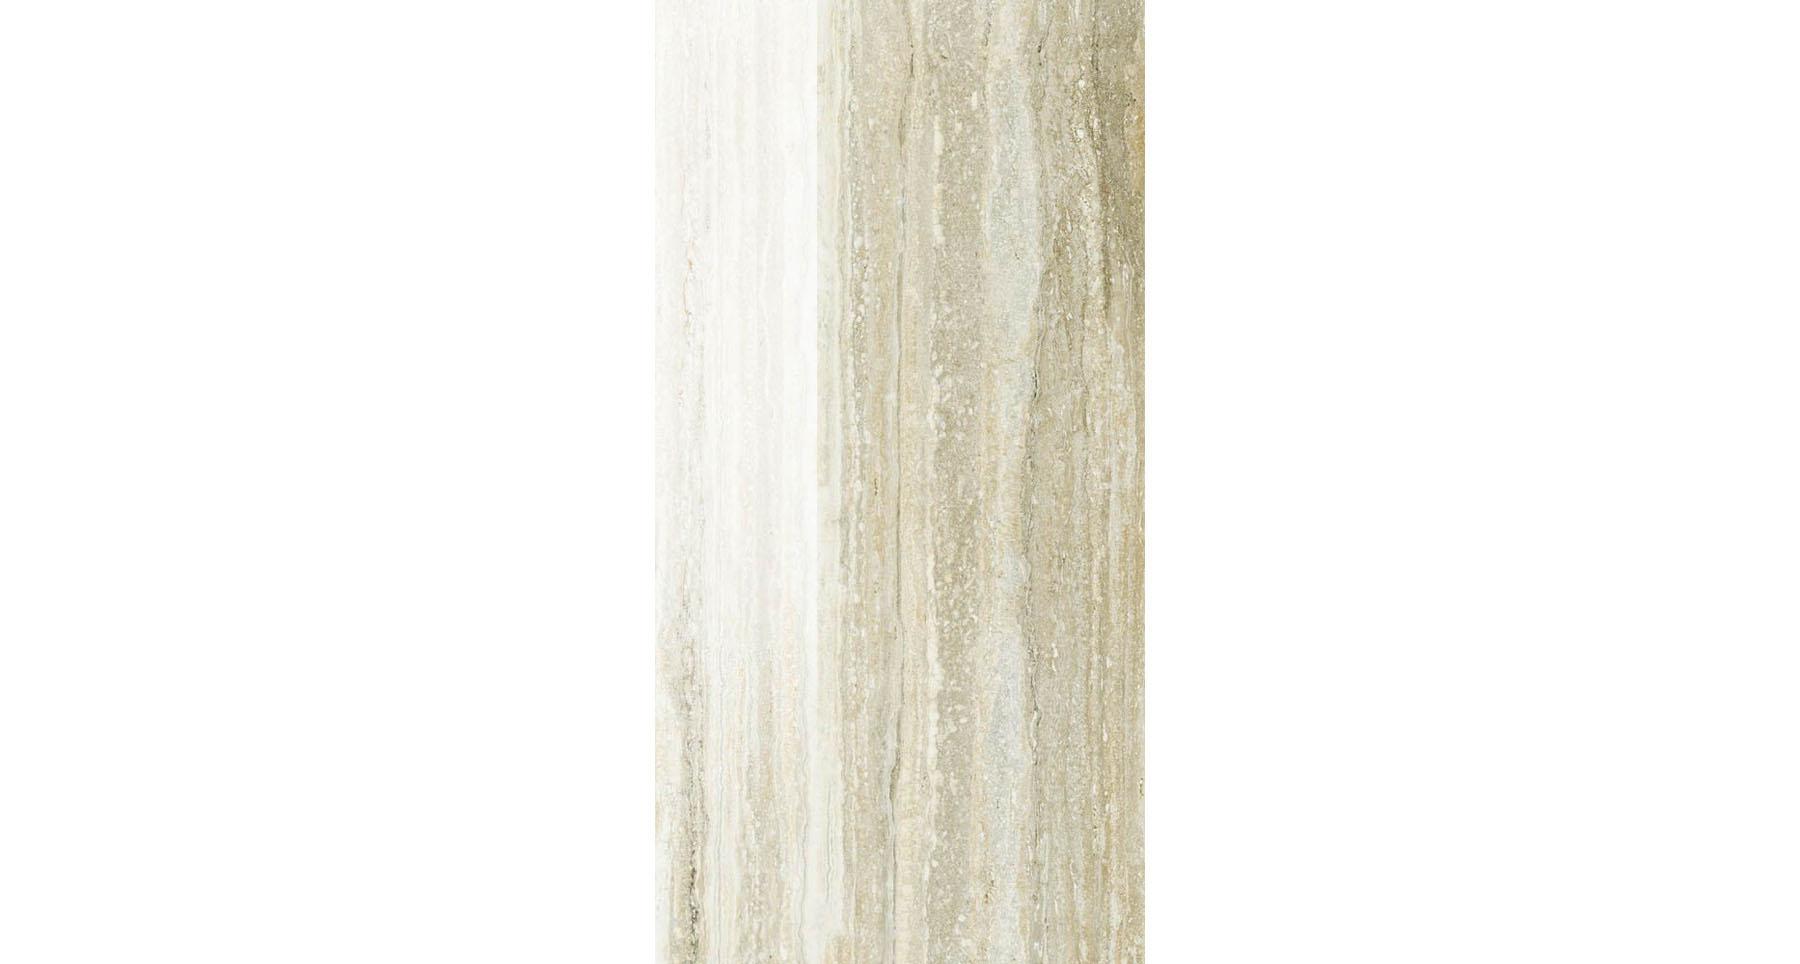 TIPOS BONE 60x120 - Interior Park Concept Store 94d2684d3b8